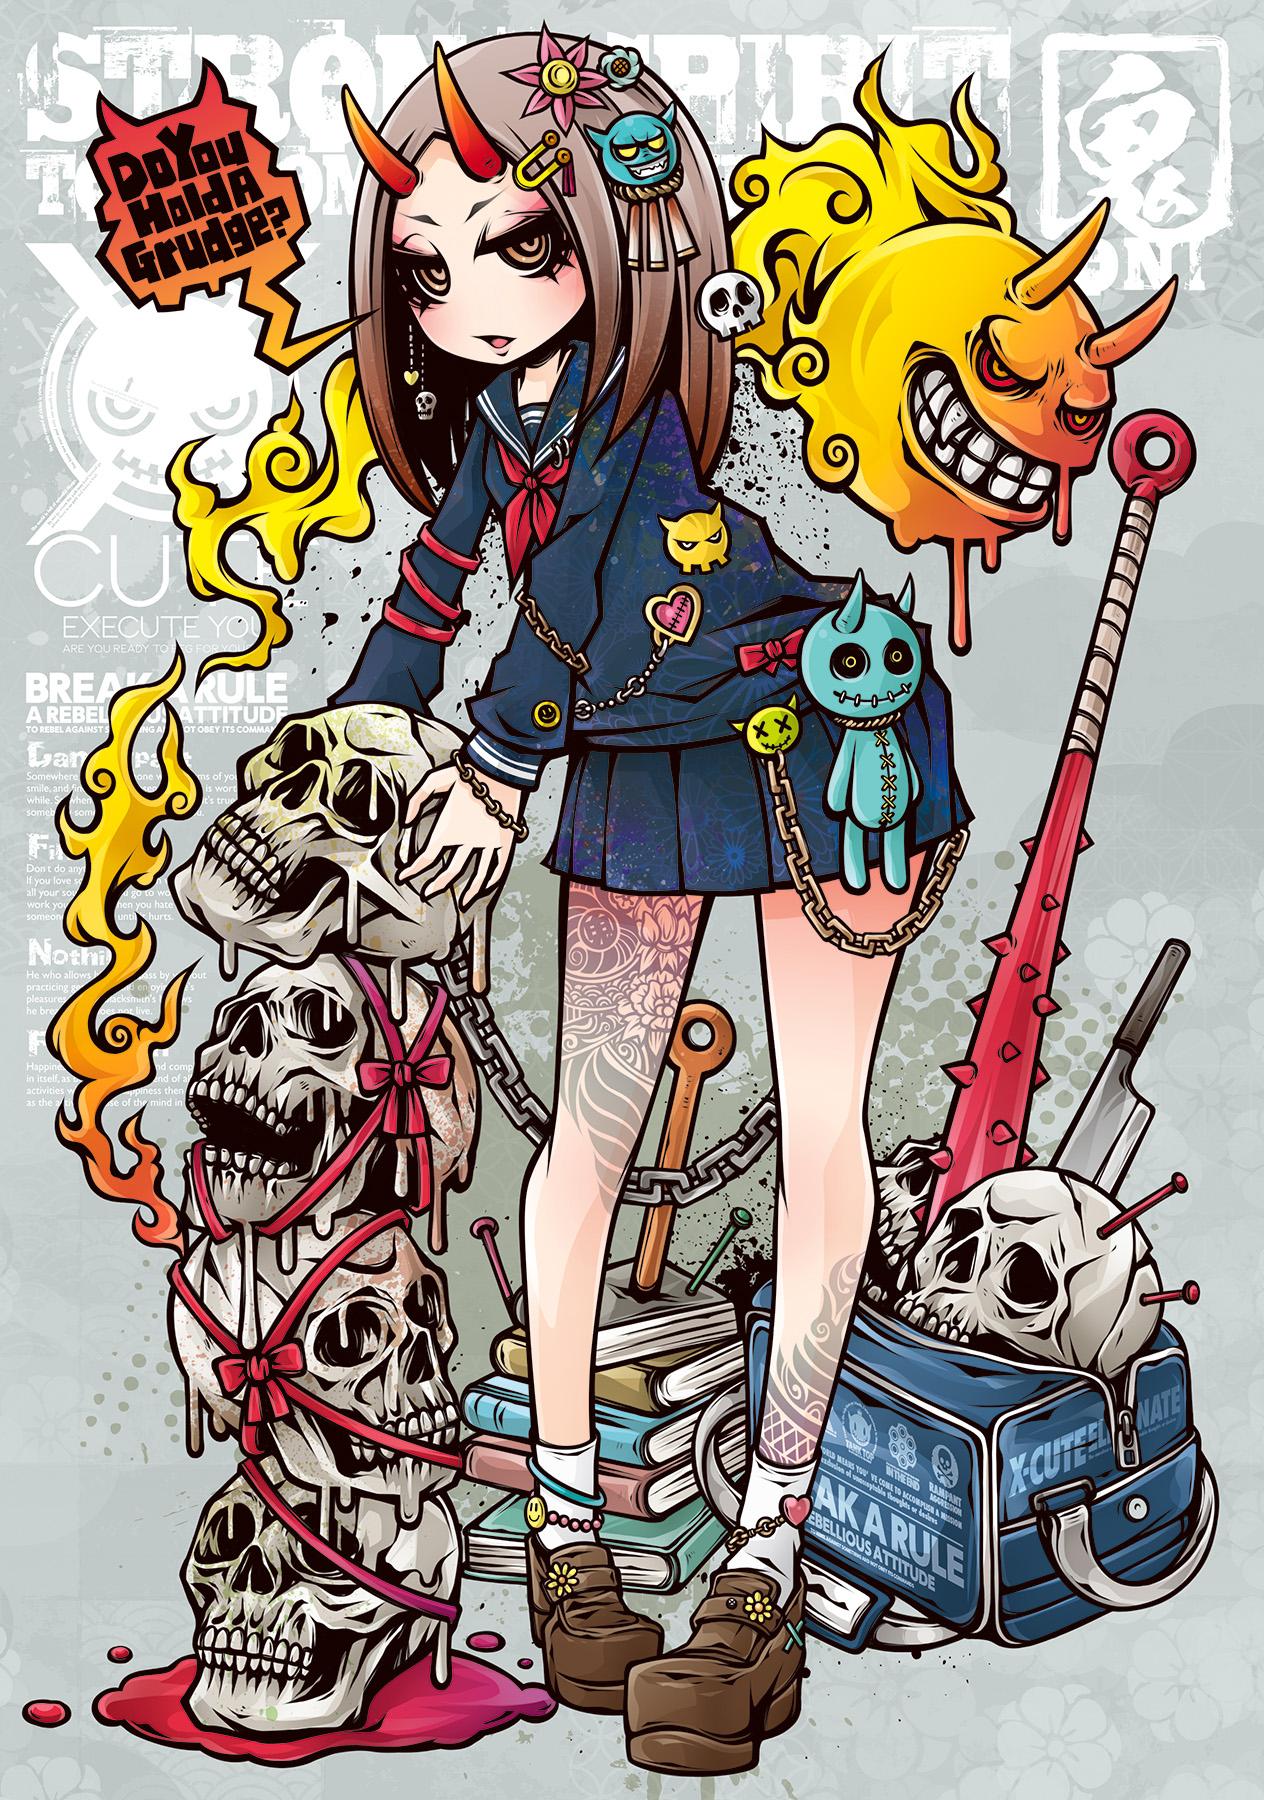 anime-girls-anime-original-characters-tattoo-horns-Project-C-K-miniskirt-skull-legs-1585909.jpg